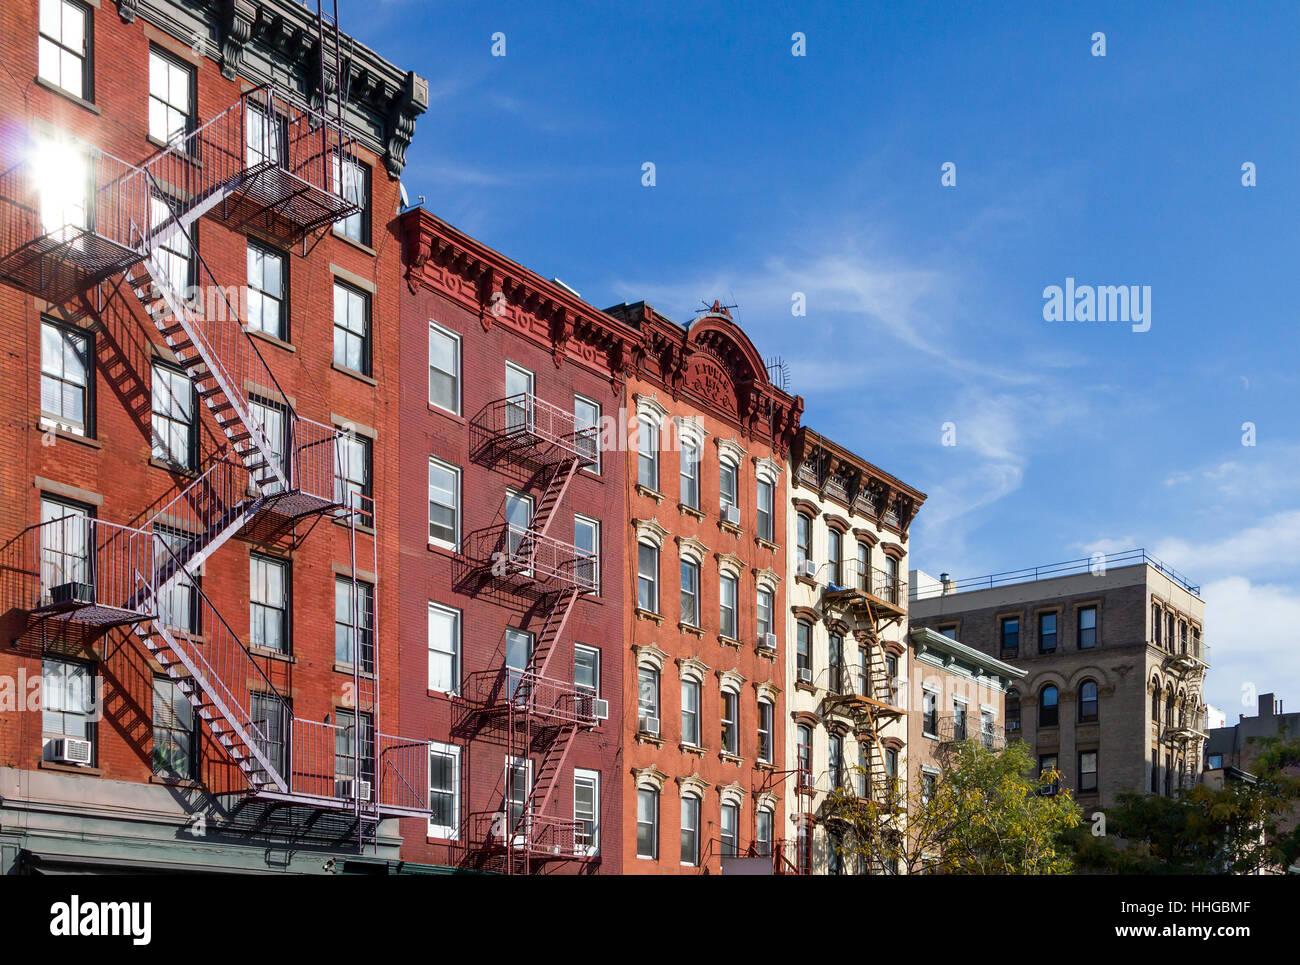 Historische Wohnhäuser entlang der Bleecker Street im Stadtteil Greenwich Village in Manhattan, New York City Stockbild